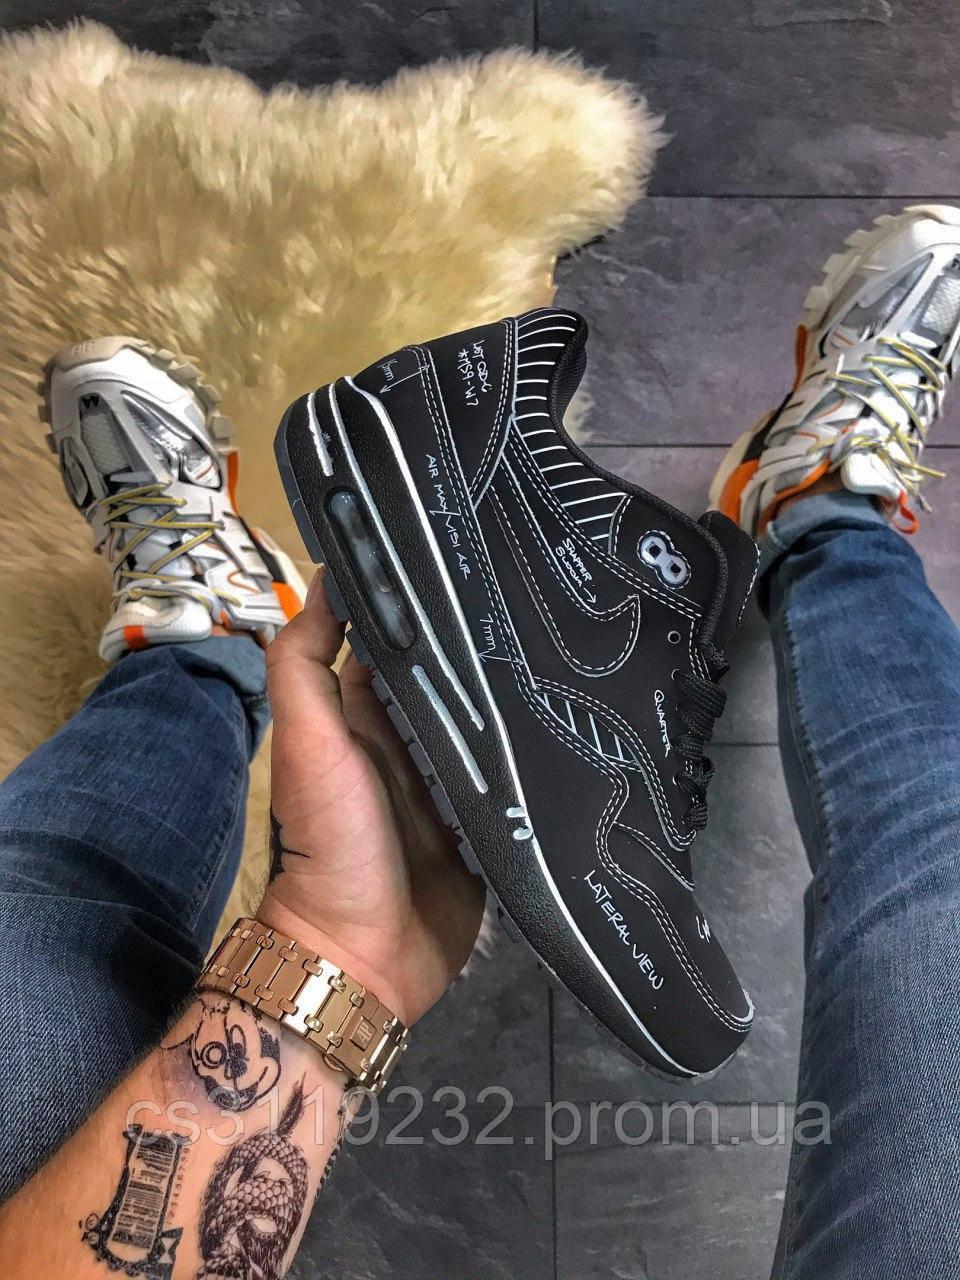 Мужские кроссовки Nike Air Max 87 Swoosh Out Black (черные)